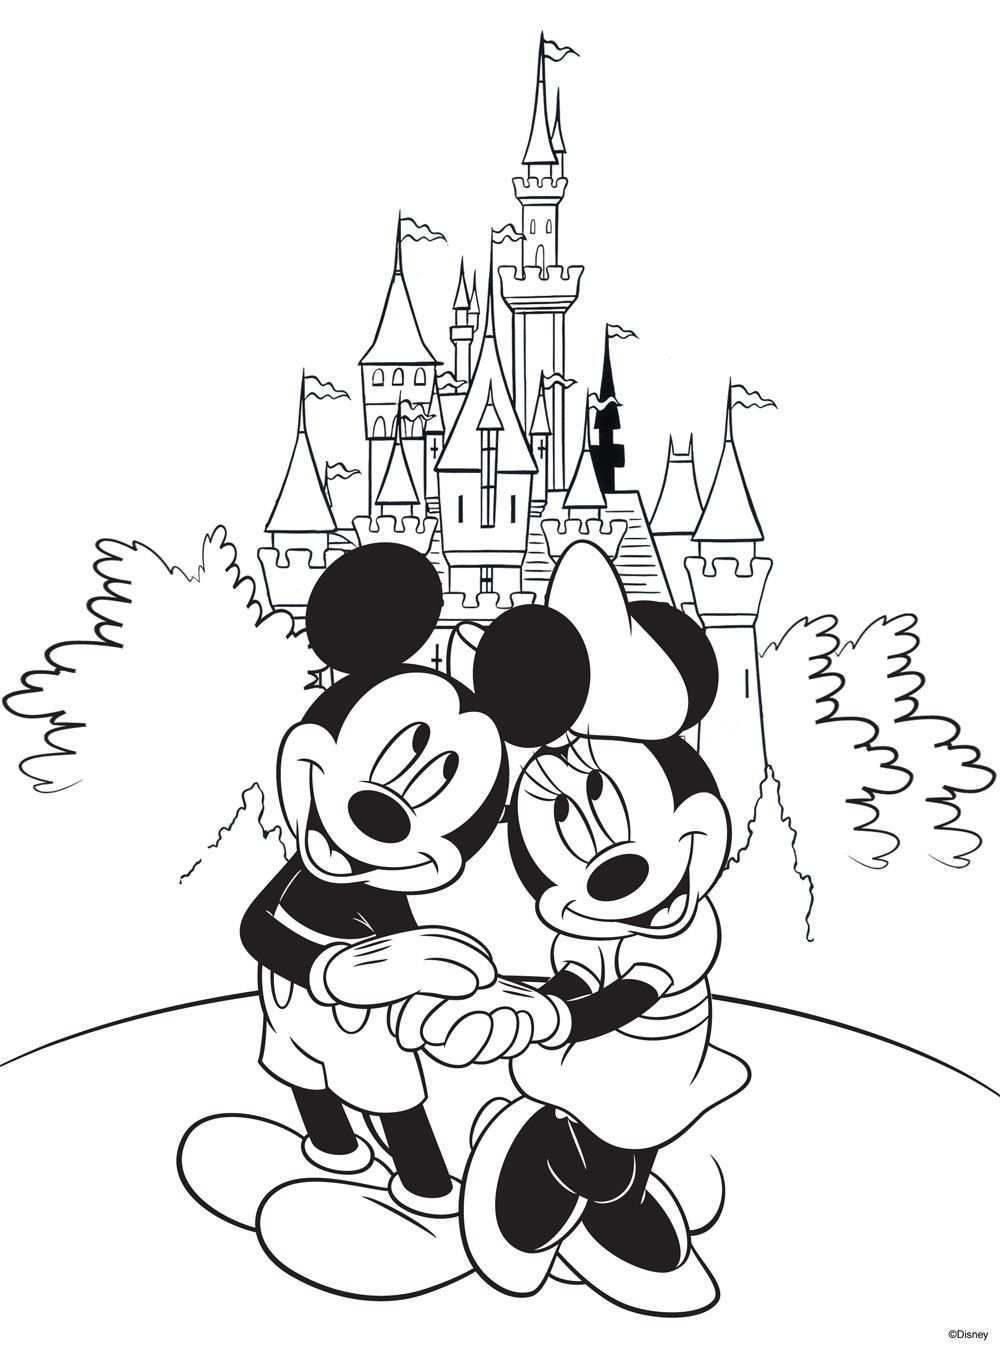 Free Disney Coloring Page Printable Colorear Disney Dibujos